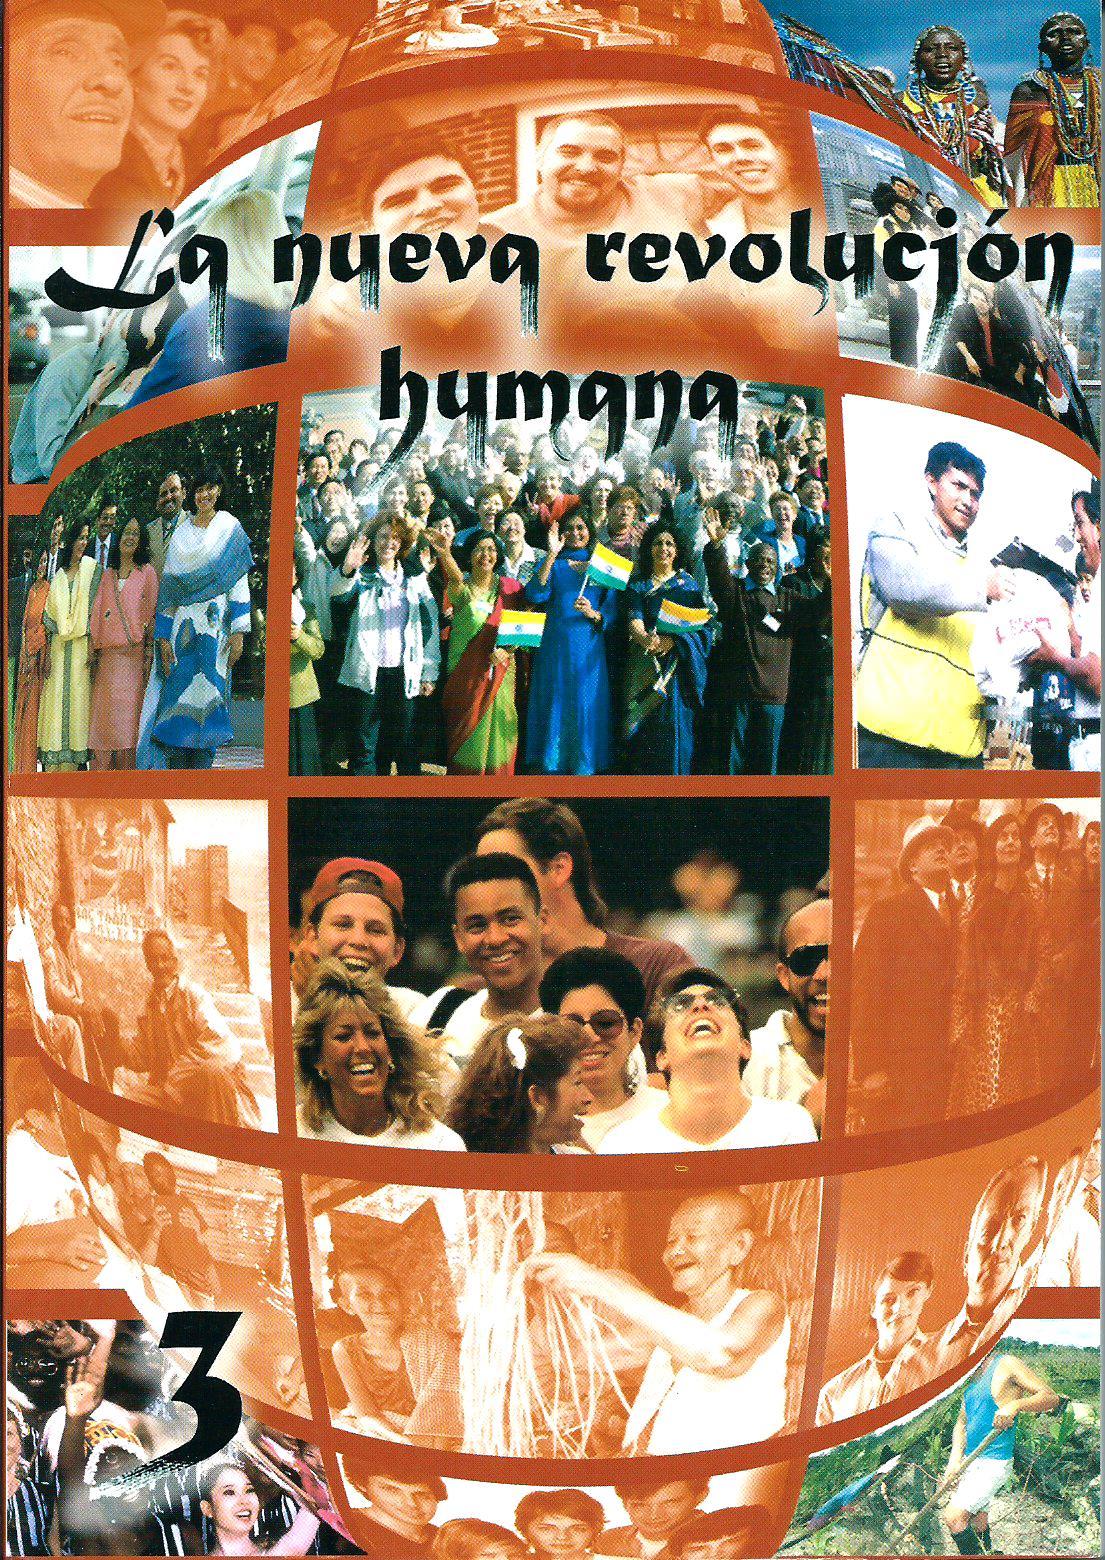 La nueva revolución humana, vol. 3